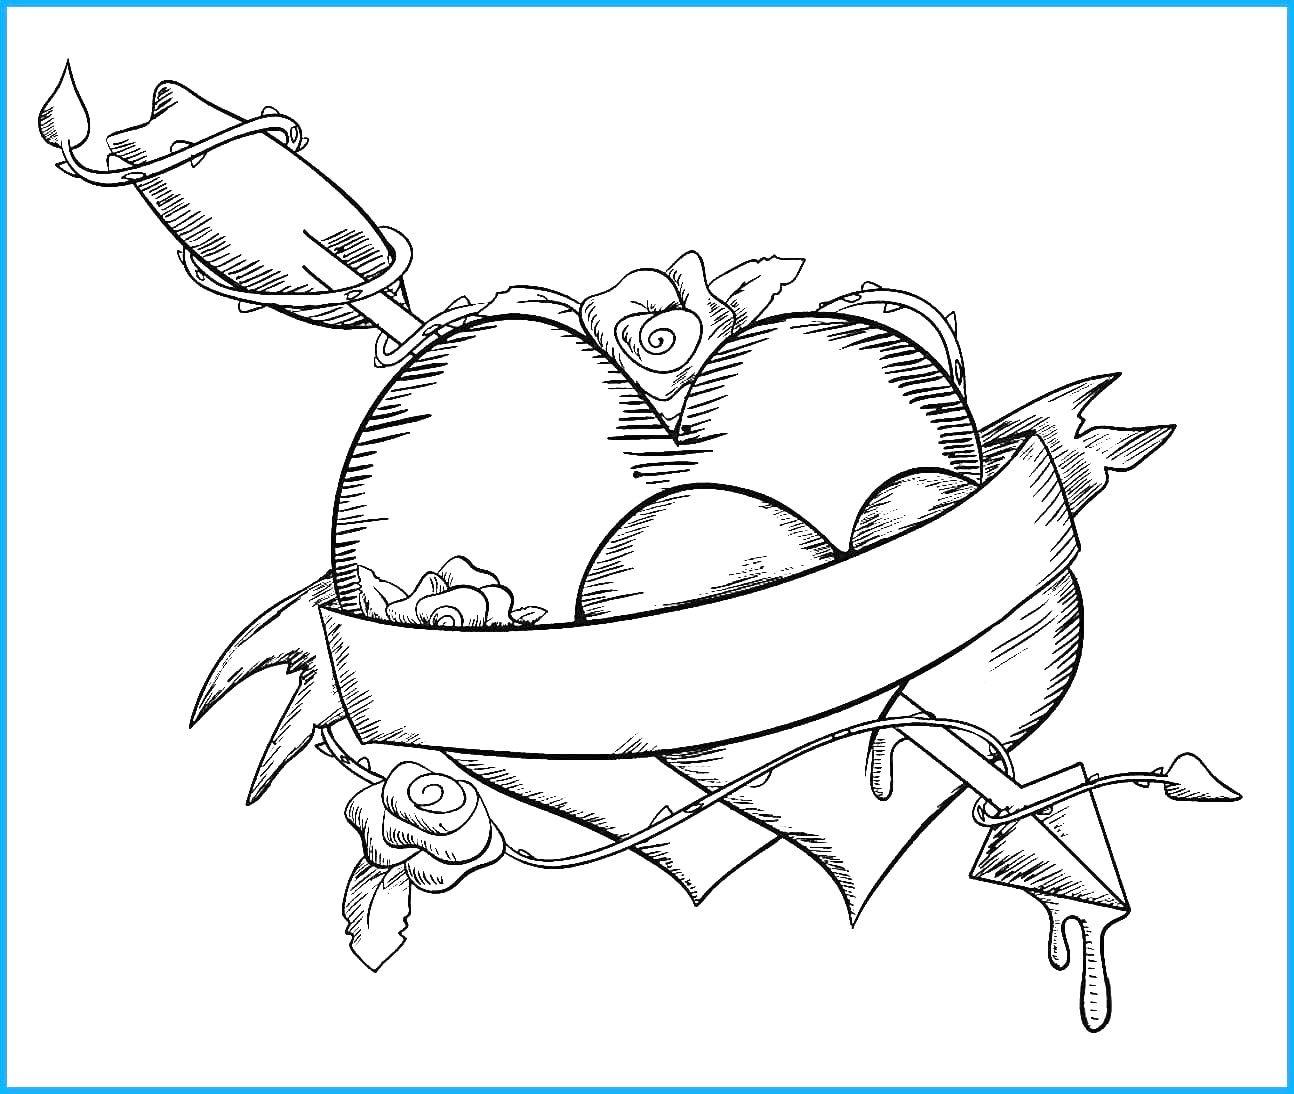 Schone Bilder Zum Selber Zeichnen In 2020 Malvorlagen Tiere Malvorlagen Liebe Zeichnungen